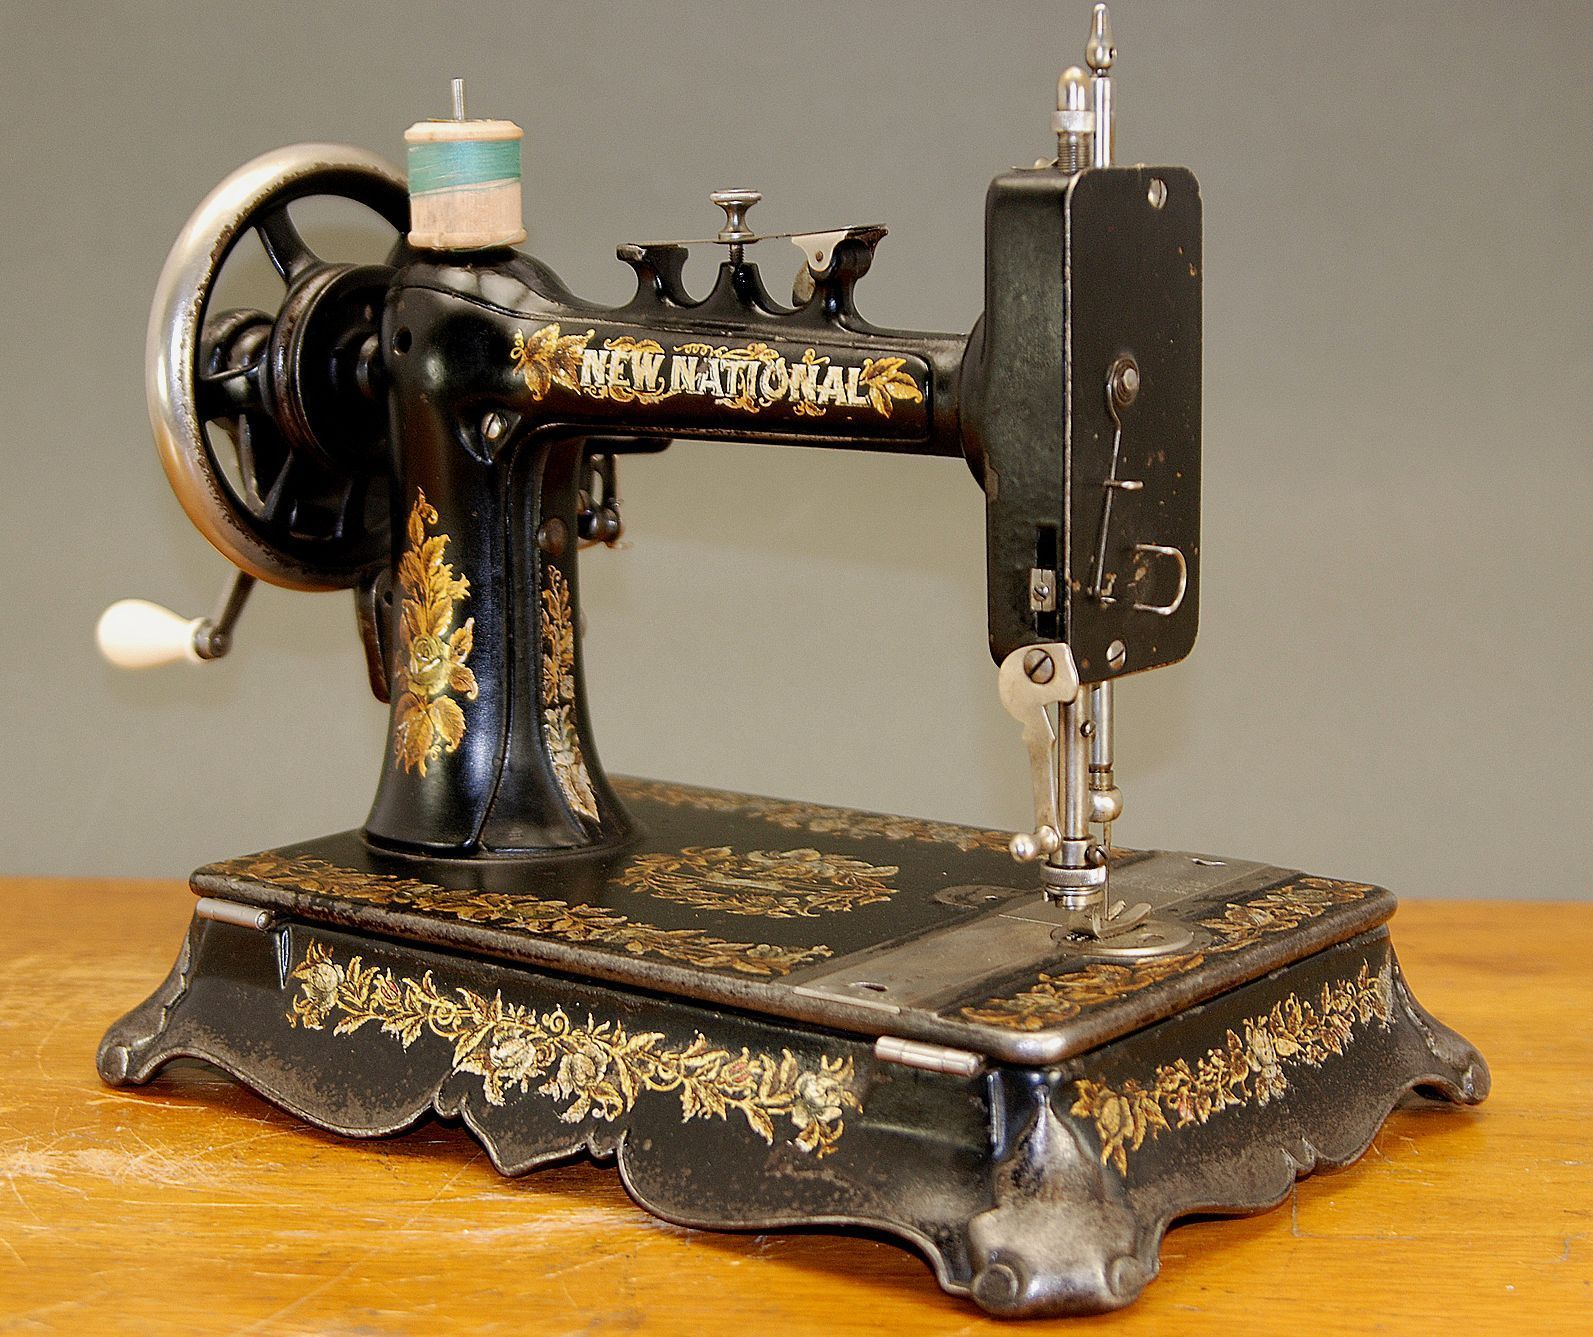 что картинки швейных машинок от старинных до современных участию новом